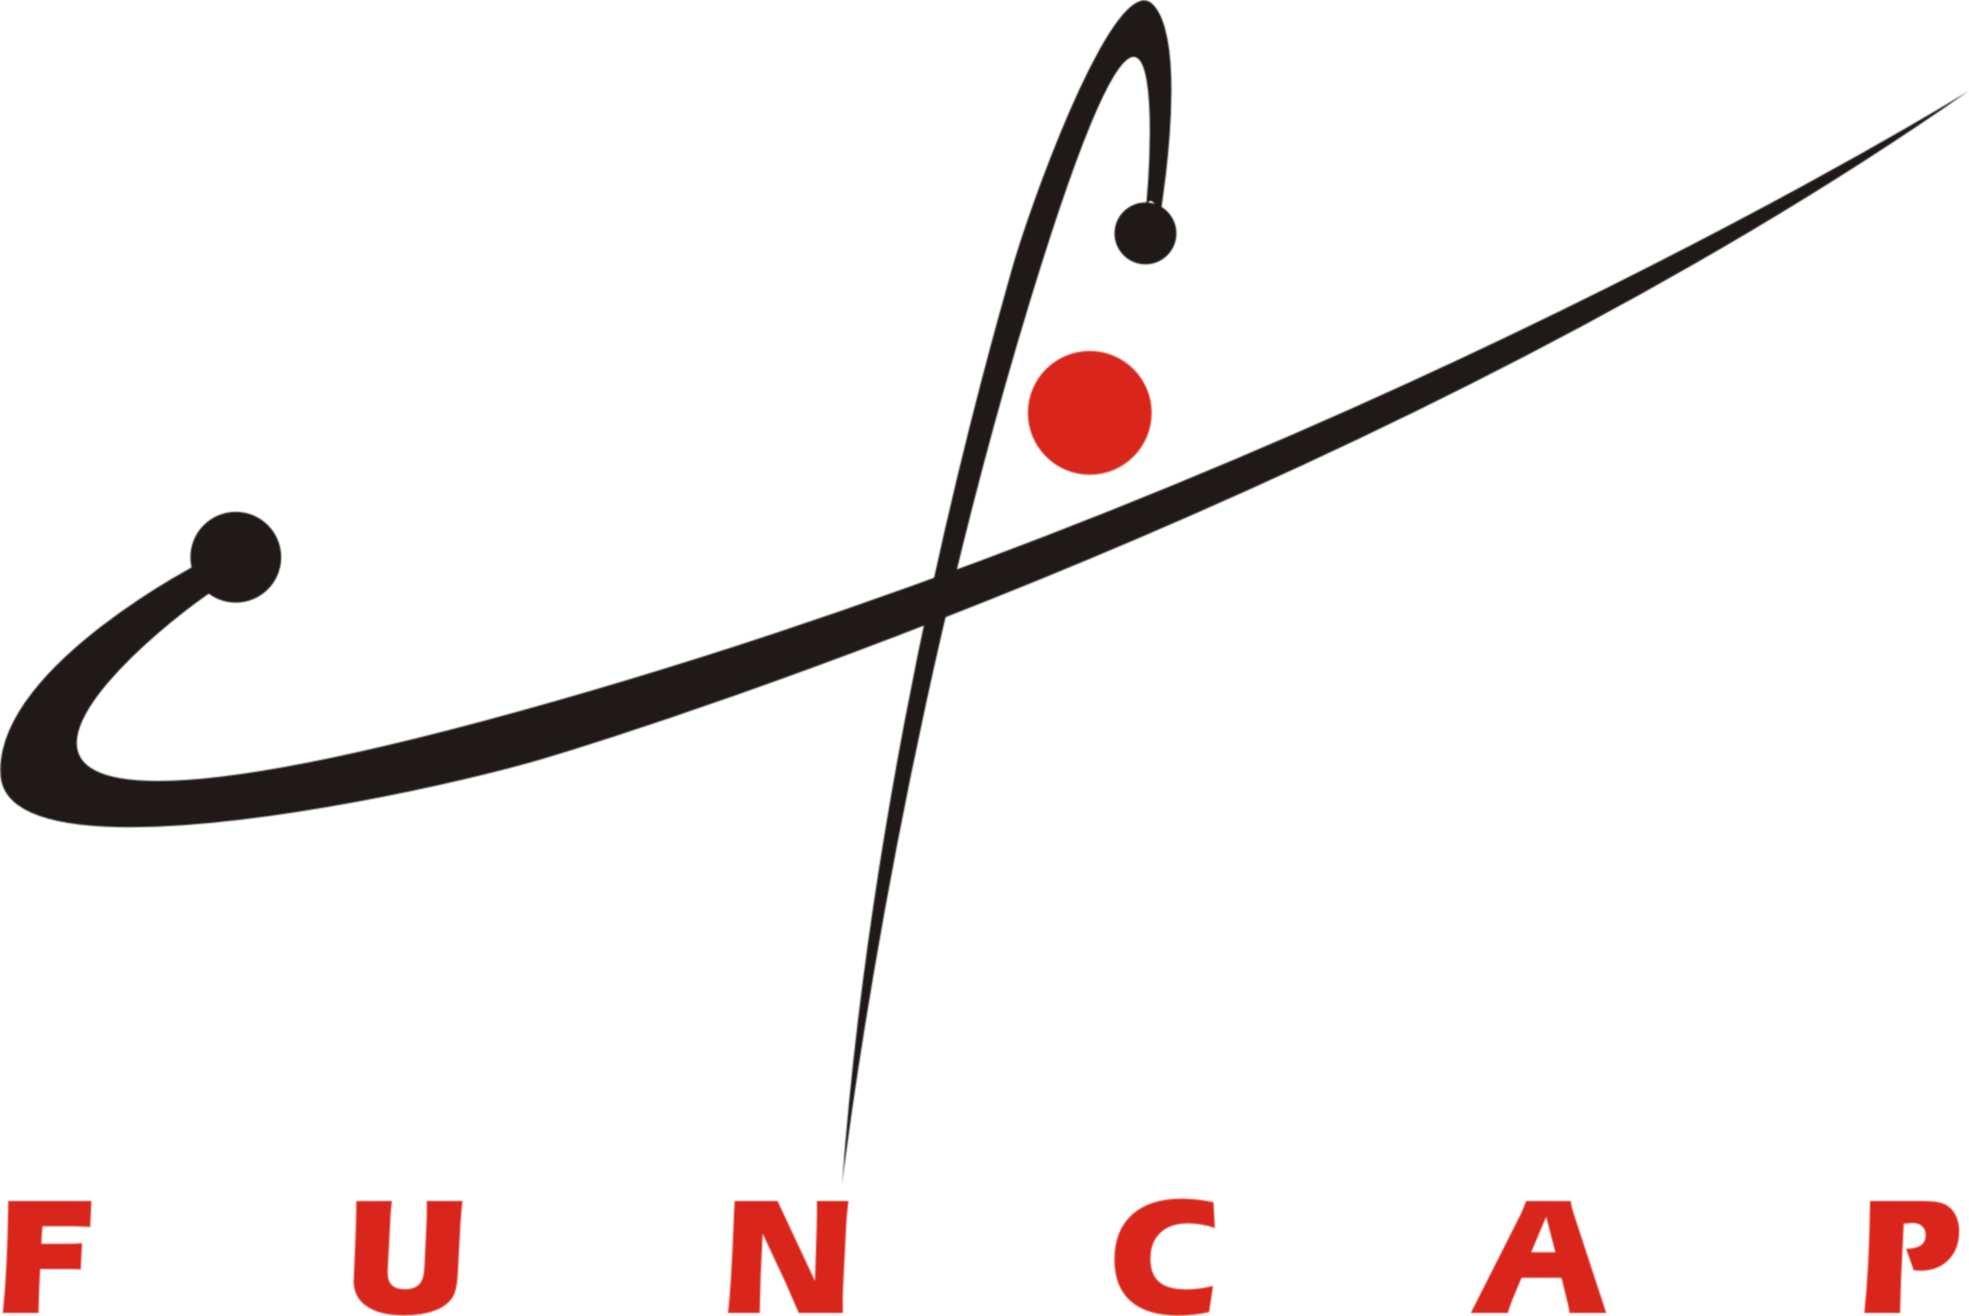 FUNCAP